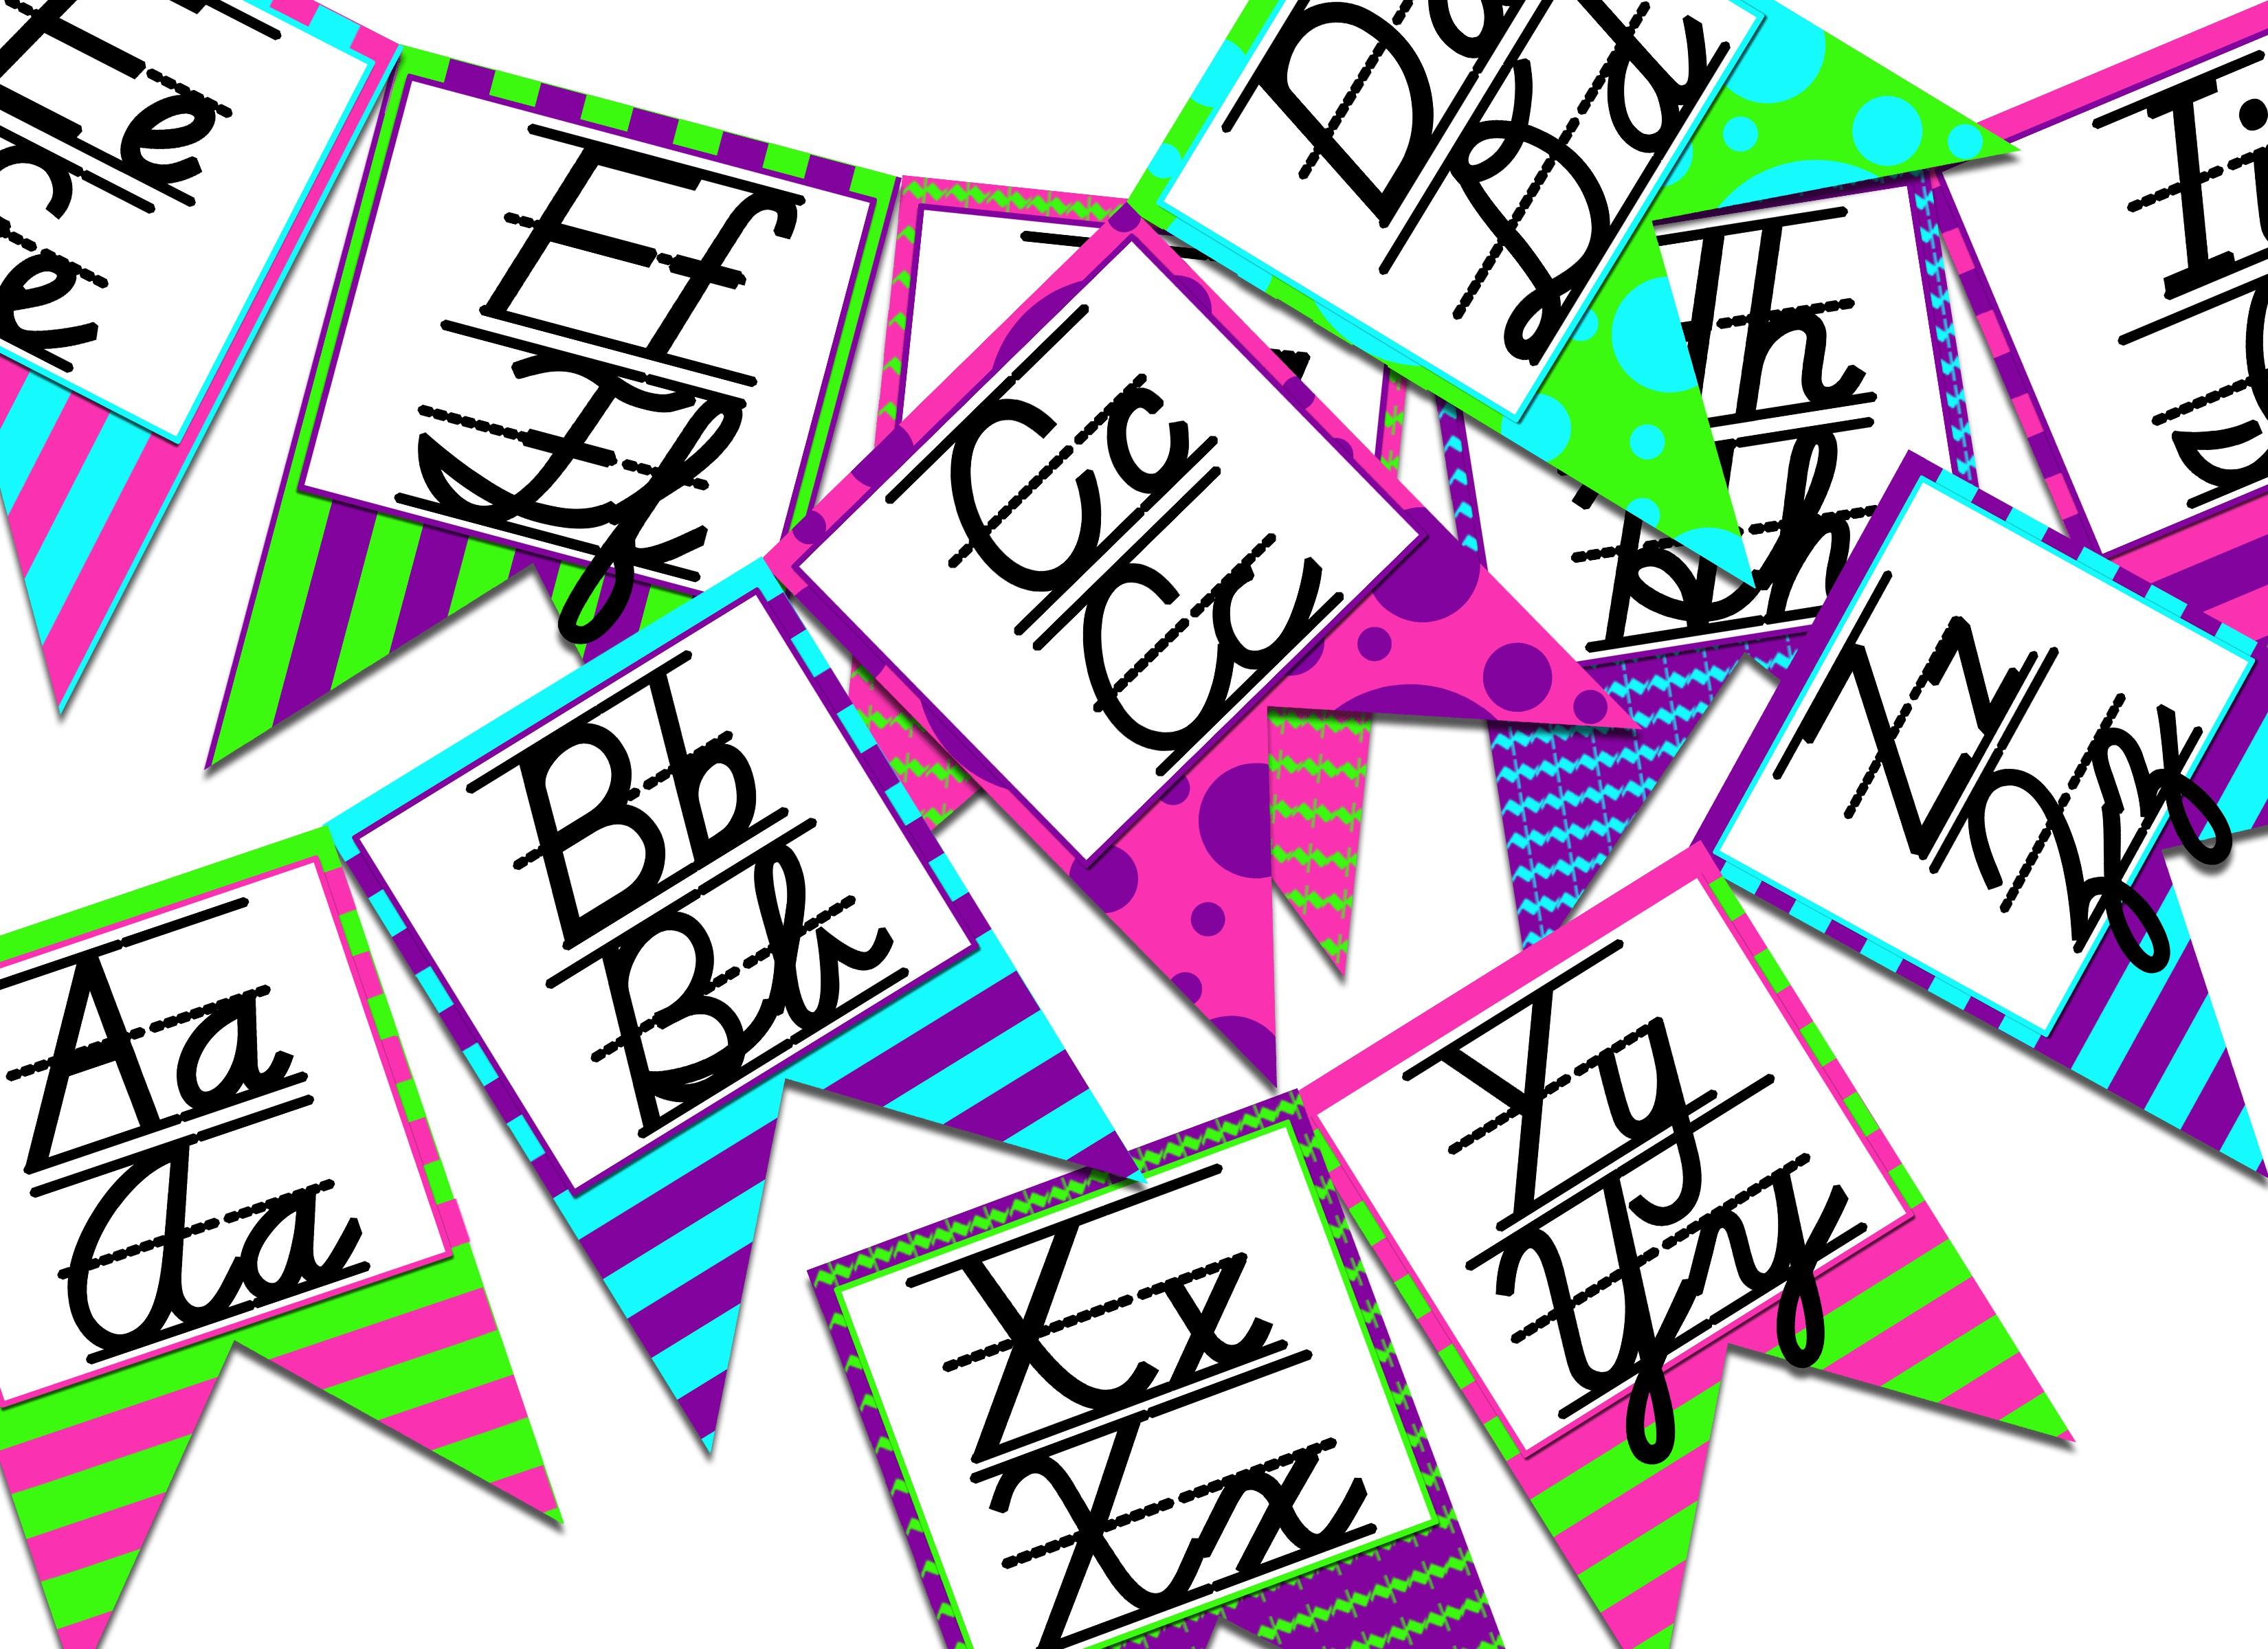 Fresh Printable Bulletin Board Letters | Www.pantry-Magic - Free Printable Bulletin Board Letters